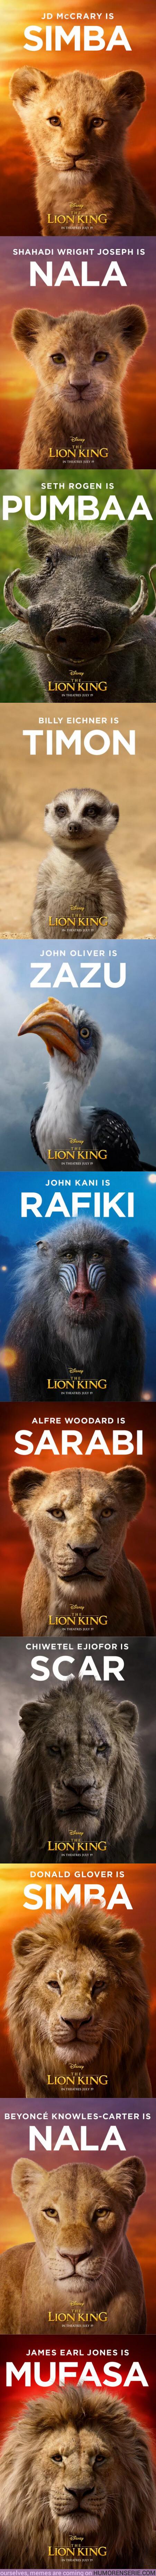 38737 - GALERÍA: Estos son los nuevos pósters oficiales de la película de El Rey León